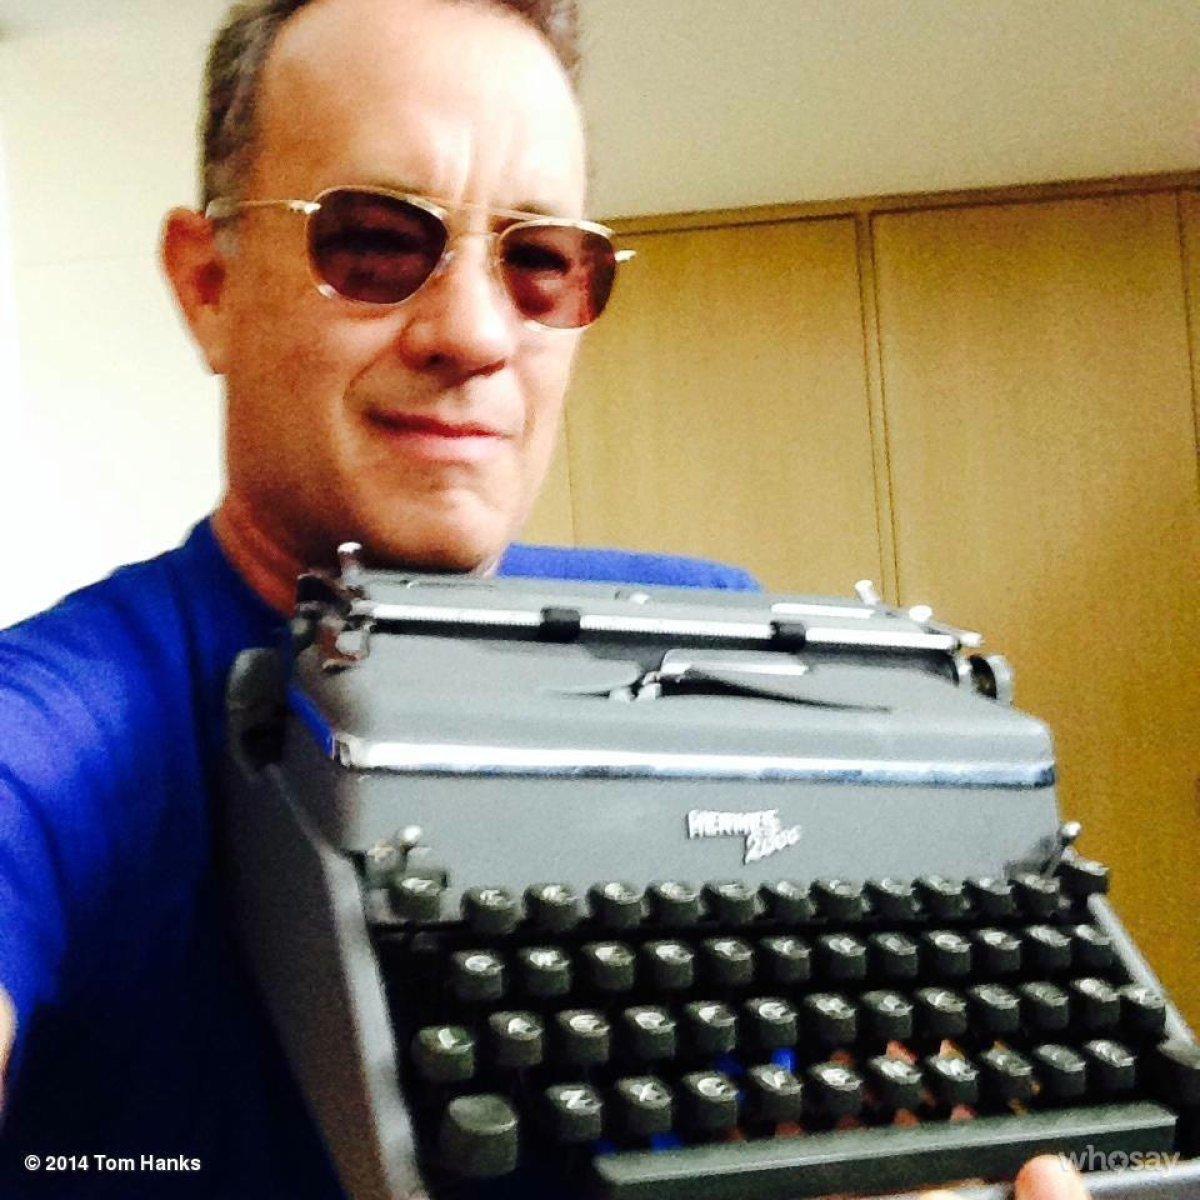 Tom Hanks tiene una colección de más de 30 máquinas de escribir antiguas